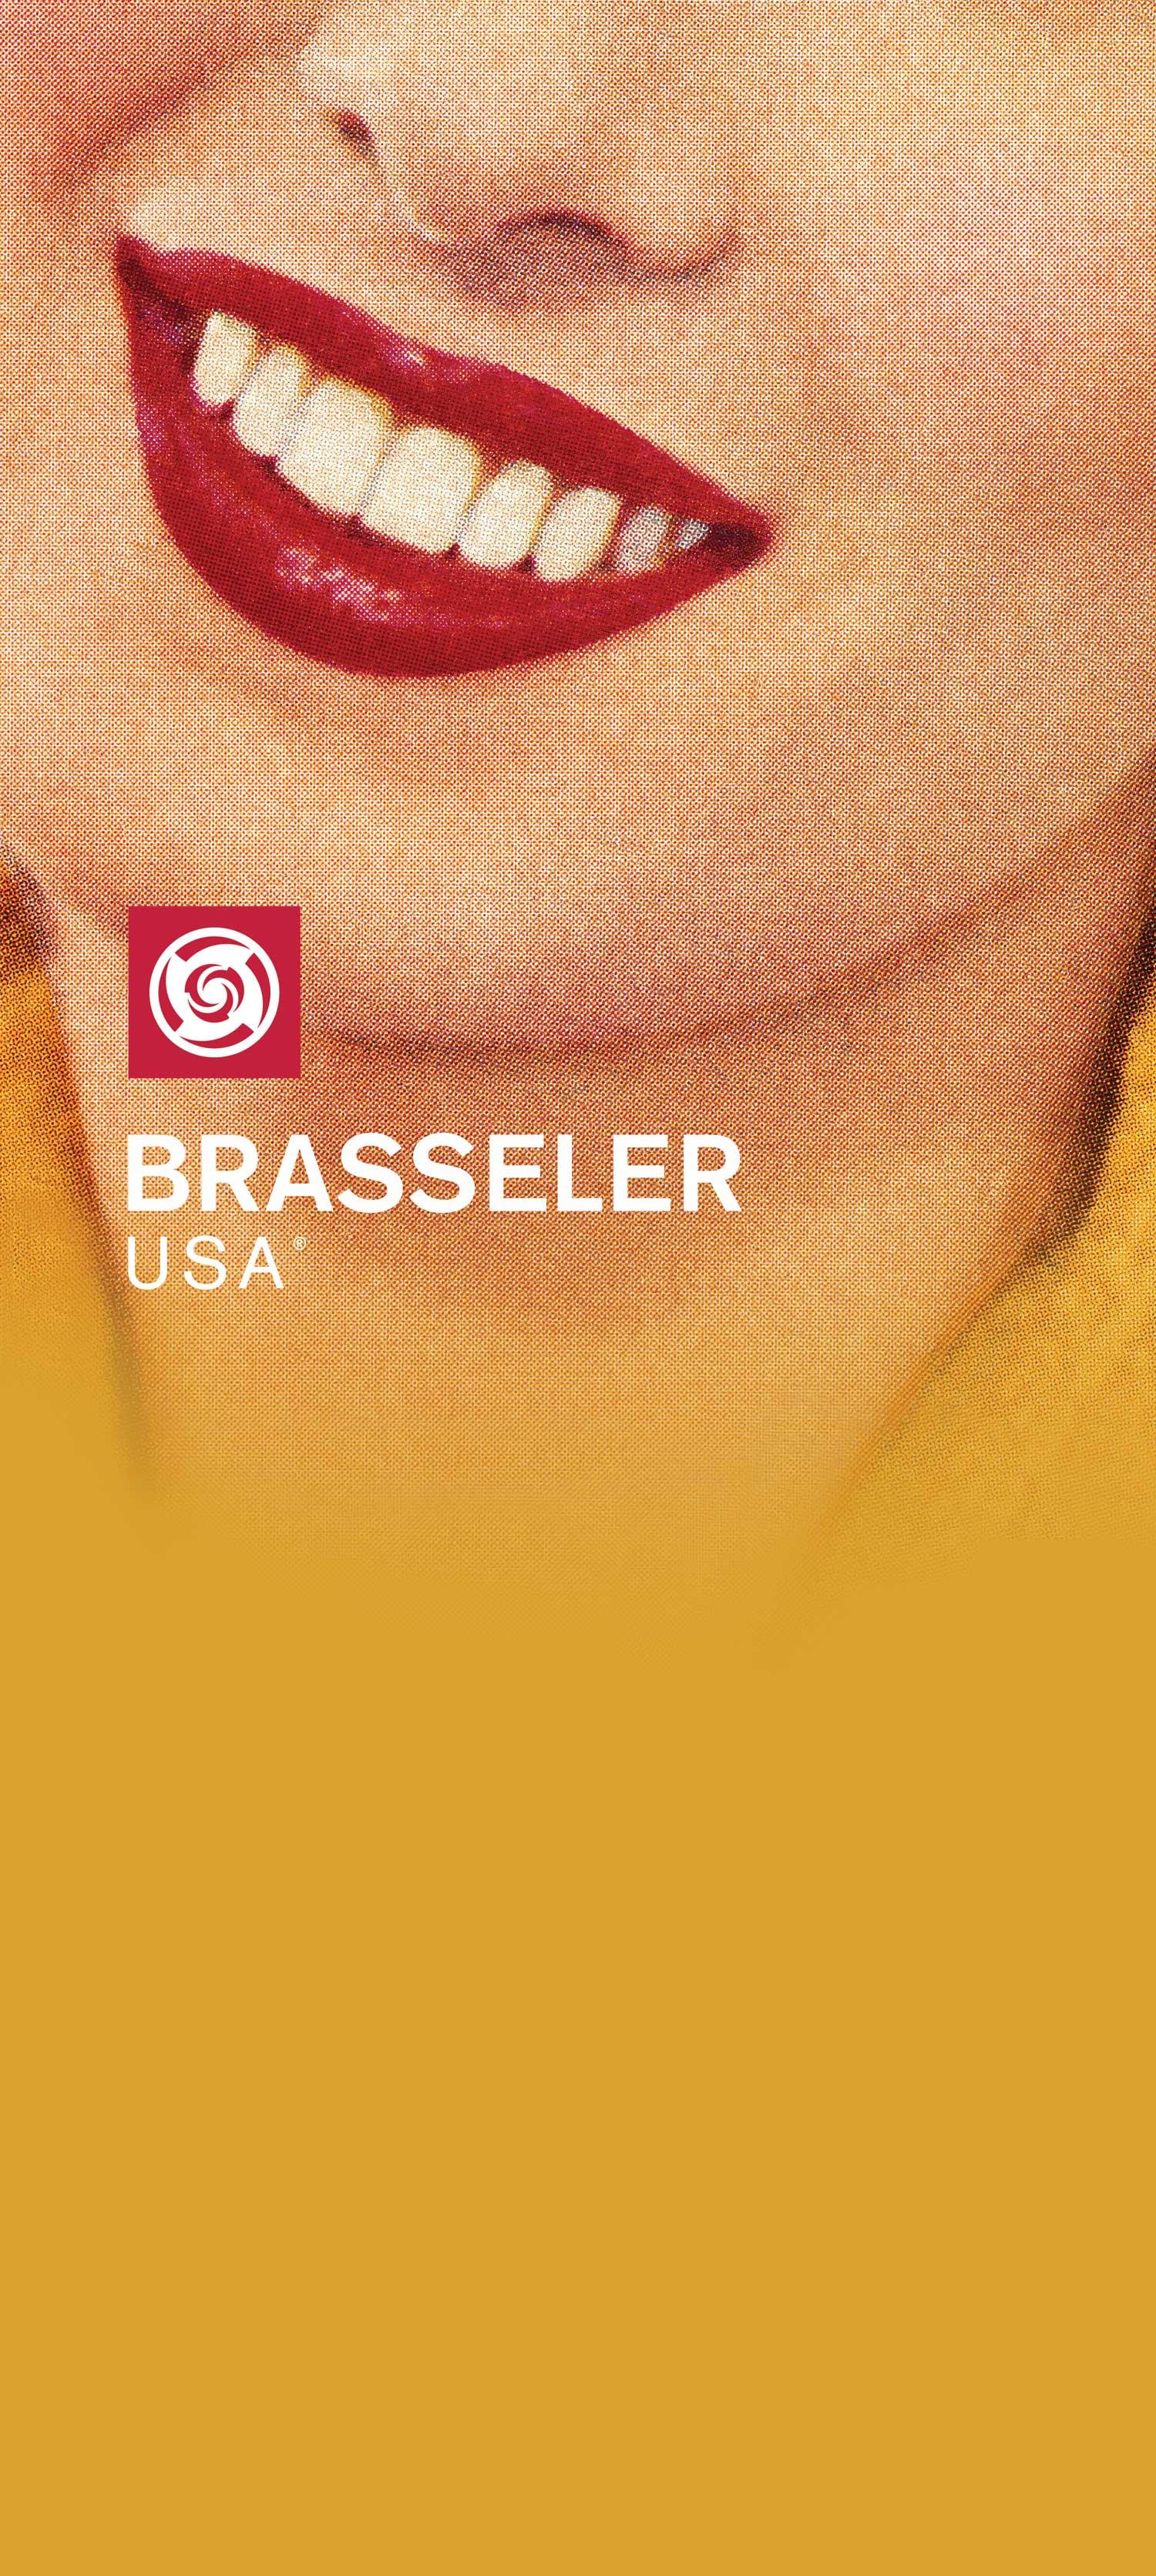 brassler.jpg